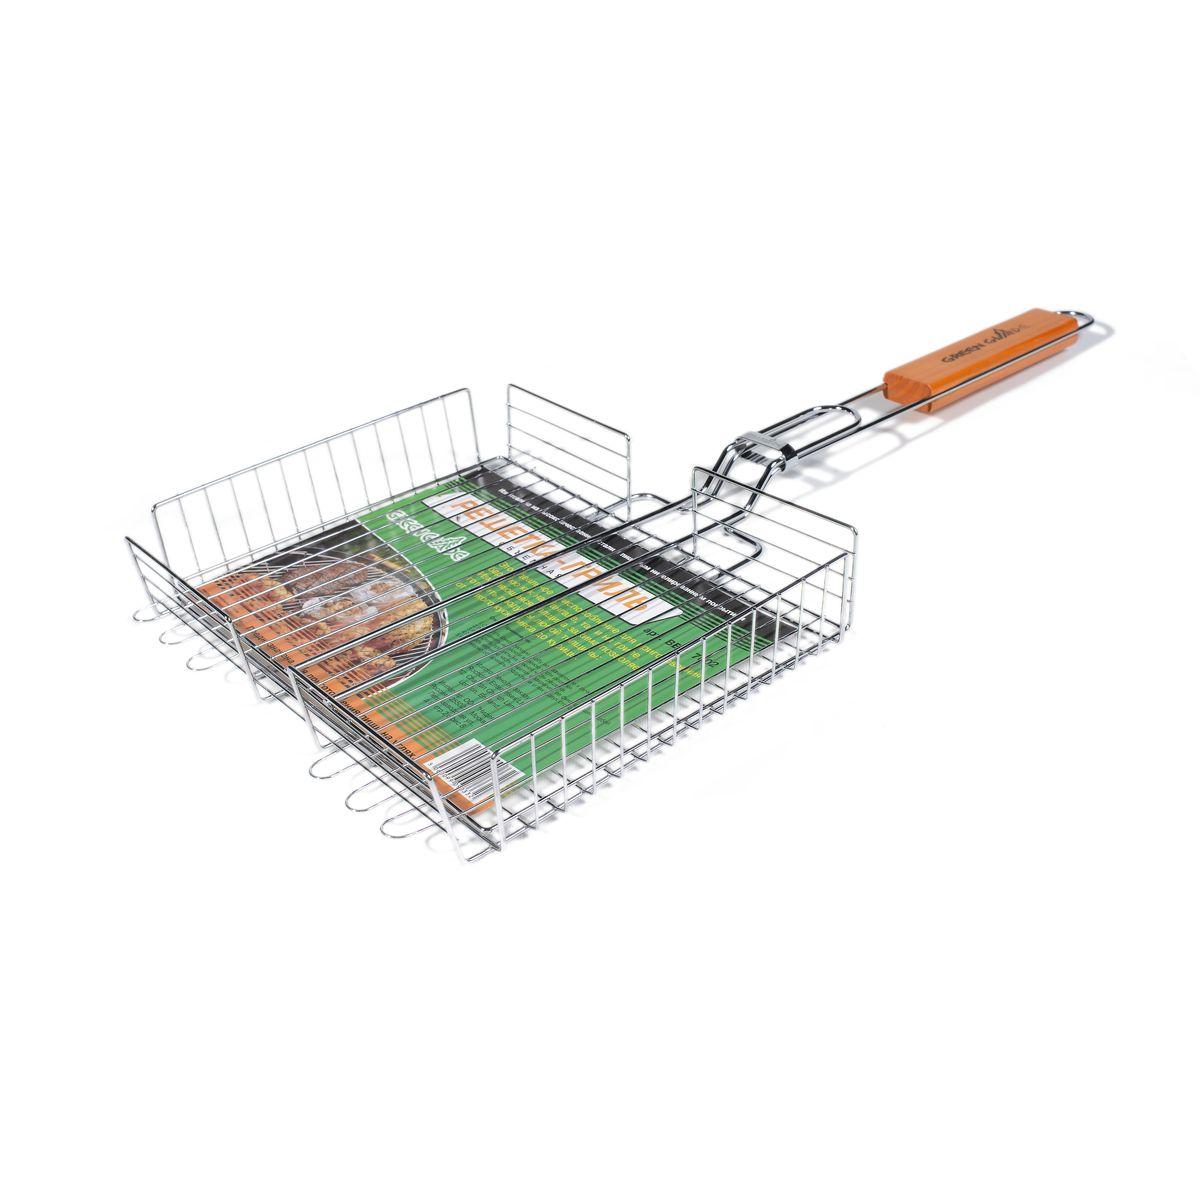 Решетка-гриль Green Glade, объемная, 31 х 25 смGESS-306Двойная объемная решетка-гриль Green Glade изготовлена из высококачественной нержавеющей стали с пищевым никелированным покрытием. Это идеальное приспособление для приготовления барбекю как на мангале, так и на гриле. На решетке удобно размещать стейки, ребрышки, сосиски и т.д. Изменяющаяся толщина зажима позволяет готовить продукты любой толщины: от тонкого куска мяса до курицы. Предназначена для приготовления пищи на углях. Блюда получаются сочными, ароматными, с аппетитной специфической корочкой. Рукоятка изделия оснащена деревянной вставкой и фиксирующей скобой, которая зажимает створки решетки. Размер рабочей поверхности решетки: 31 см х 25 см. Общая длина решетки (с ручкой): 65 см. Высота стенки решетки: 5,5 см.